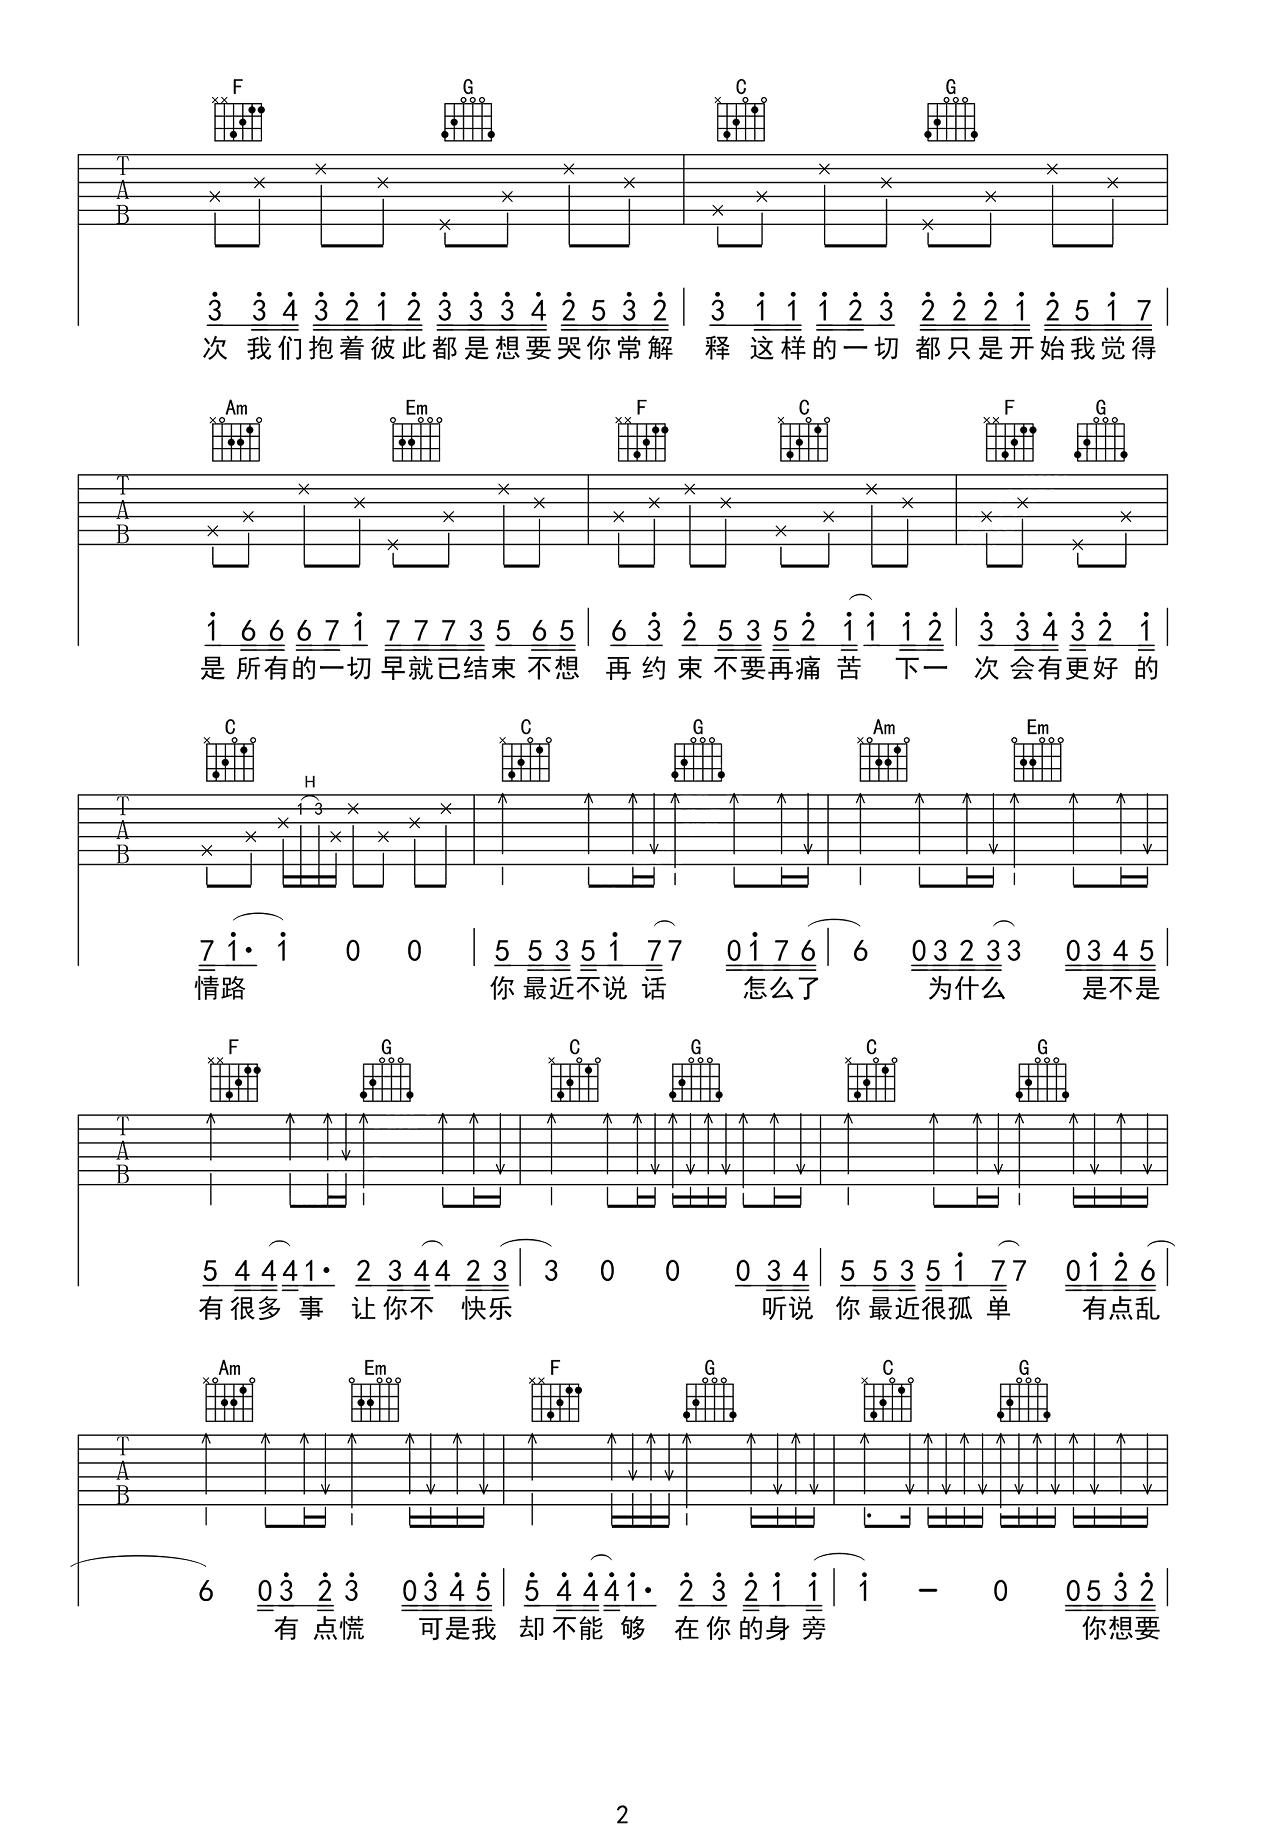 李圣杰/王小帅《最近》吉他谱 C调吉他弹唱谱2